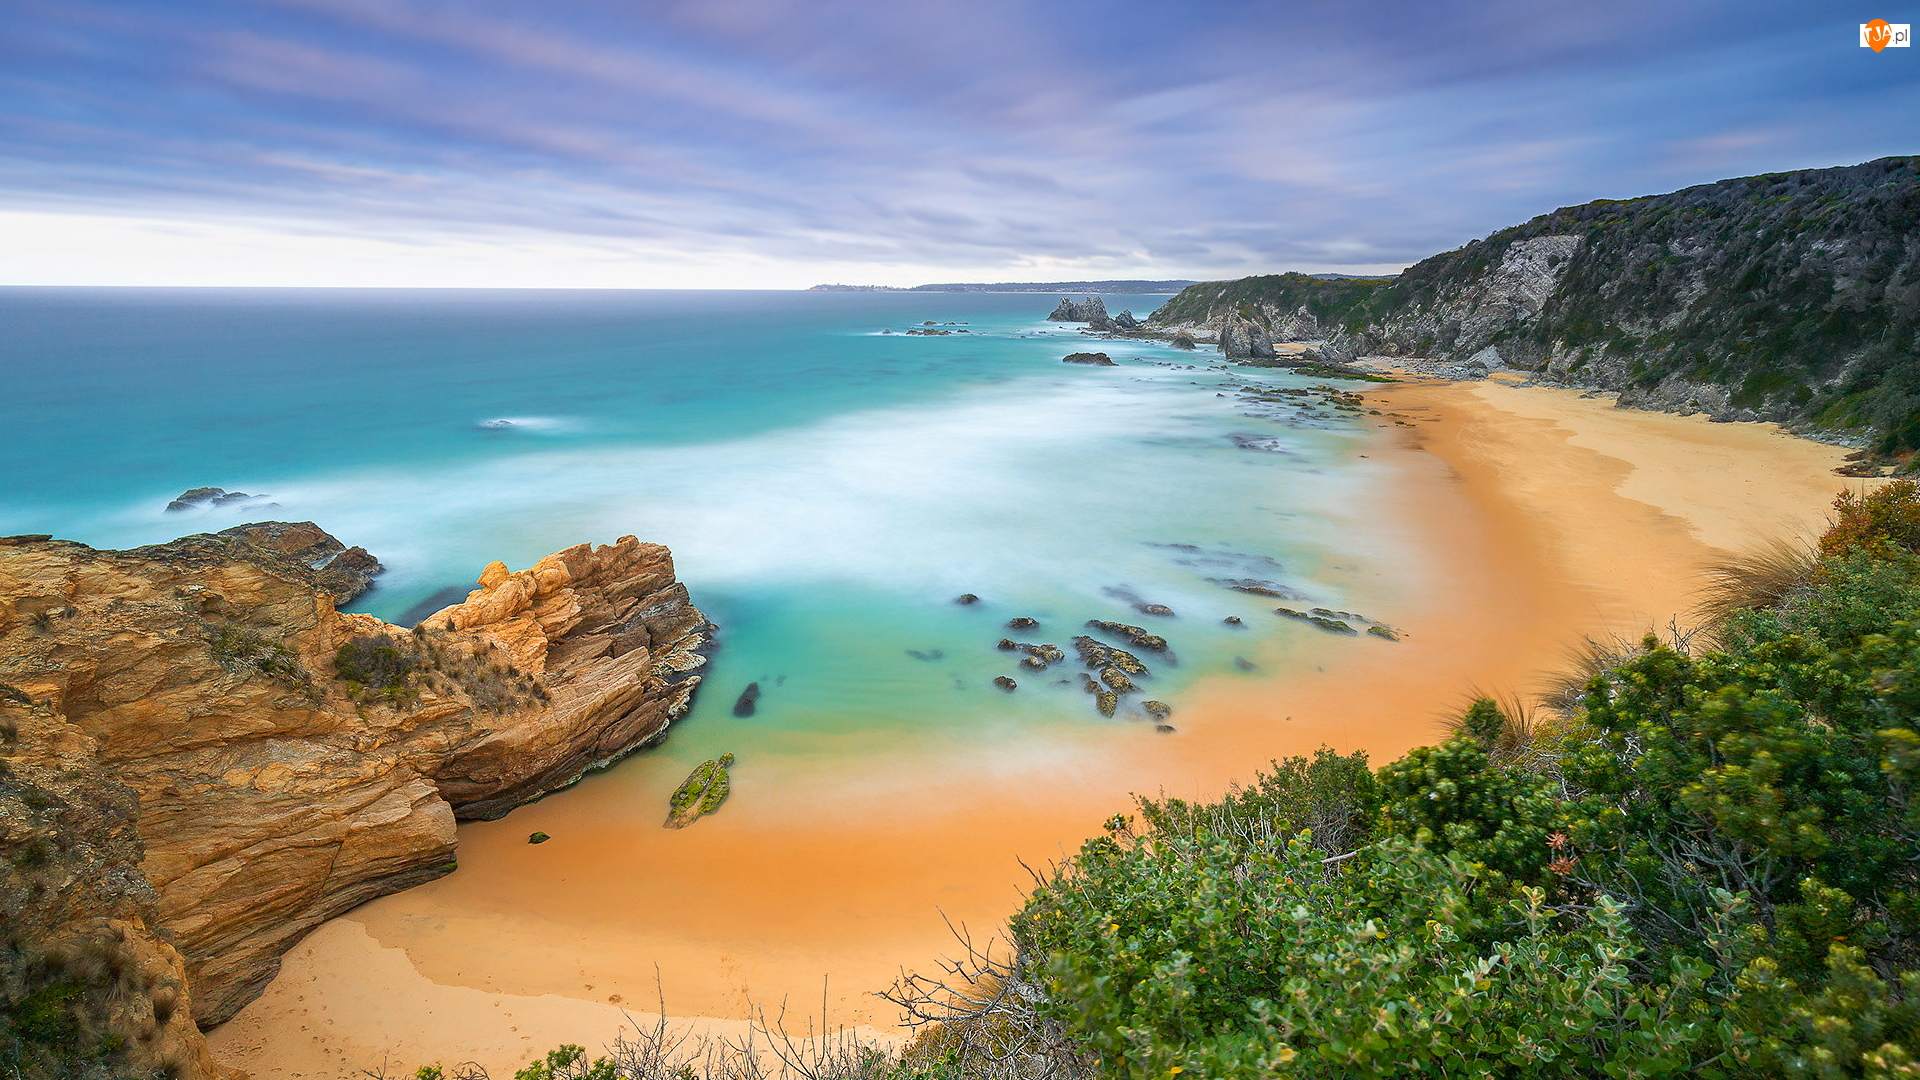 Morze, Wybrzeże Sapphire, Skały, Australia, Plaża, Nowa Południowa Walia